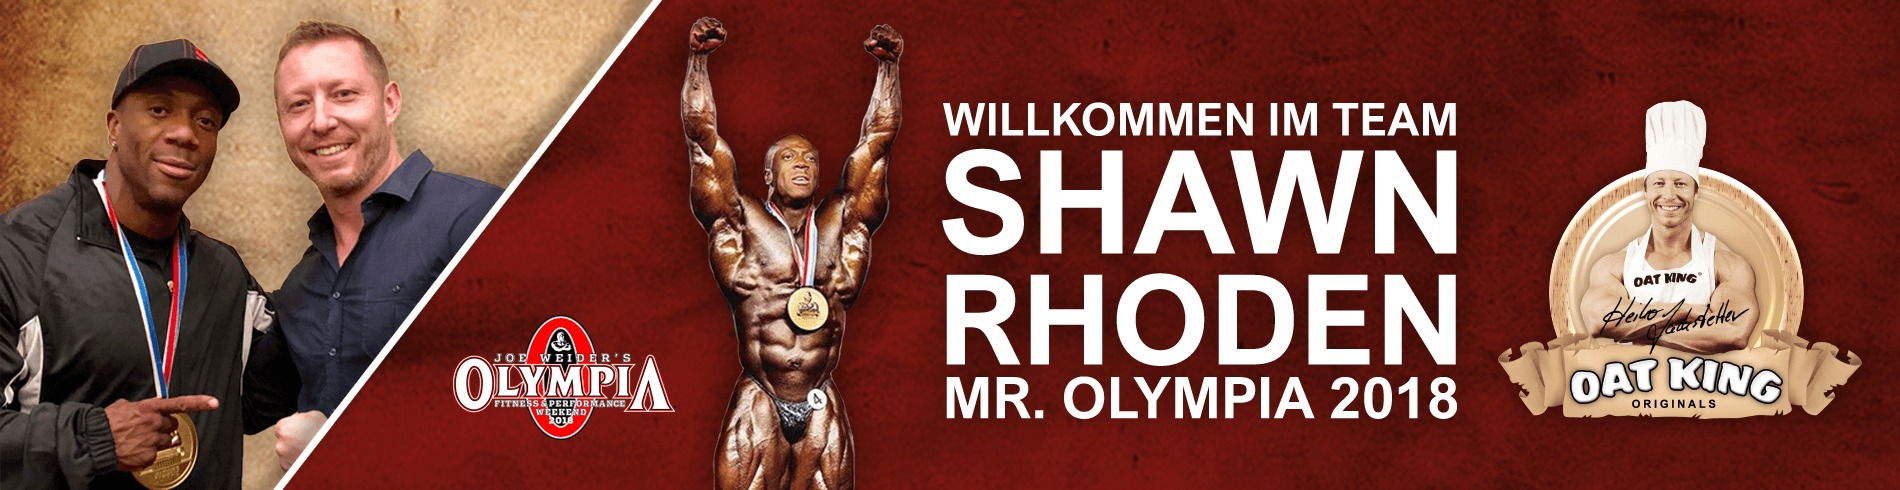 Willkommen im Team Shawn Rhoden Mr. Olympia 2018